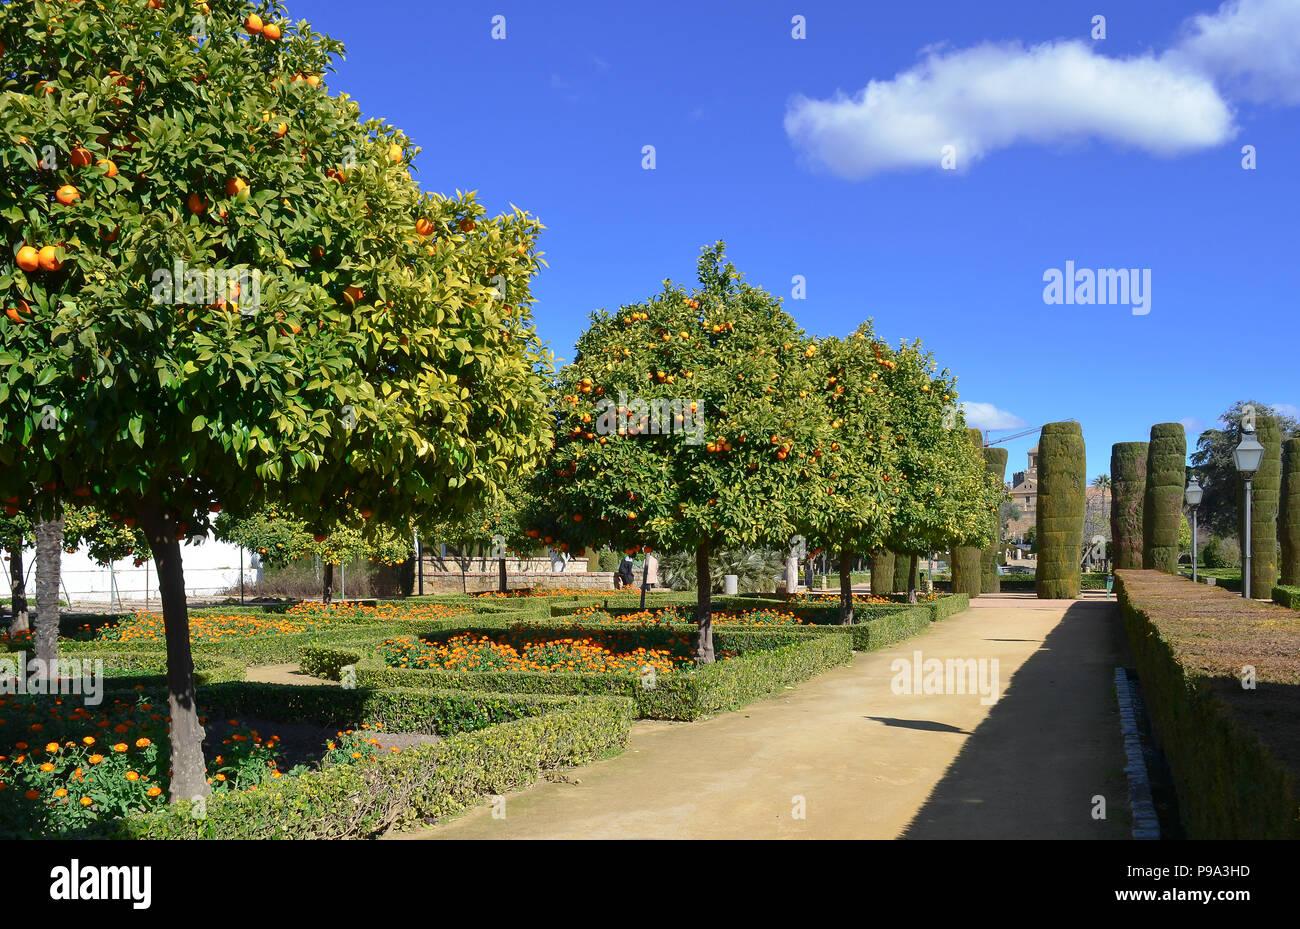 Landscaped gardens at Alcázar de los Reyes Cristianos in Cordoba, Spain - Stock Image